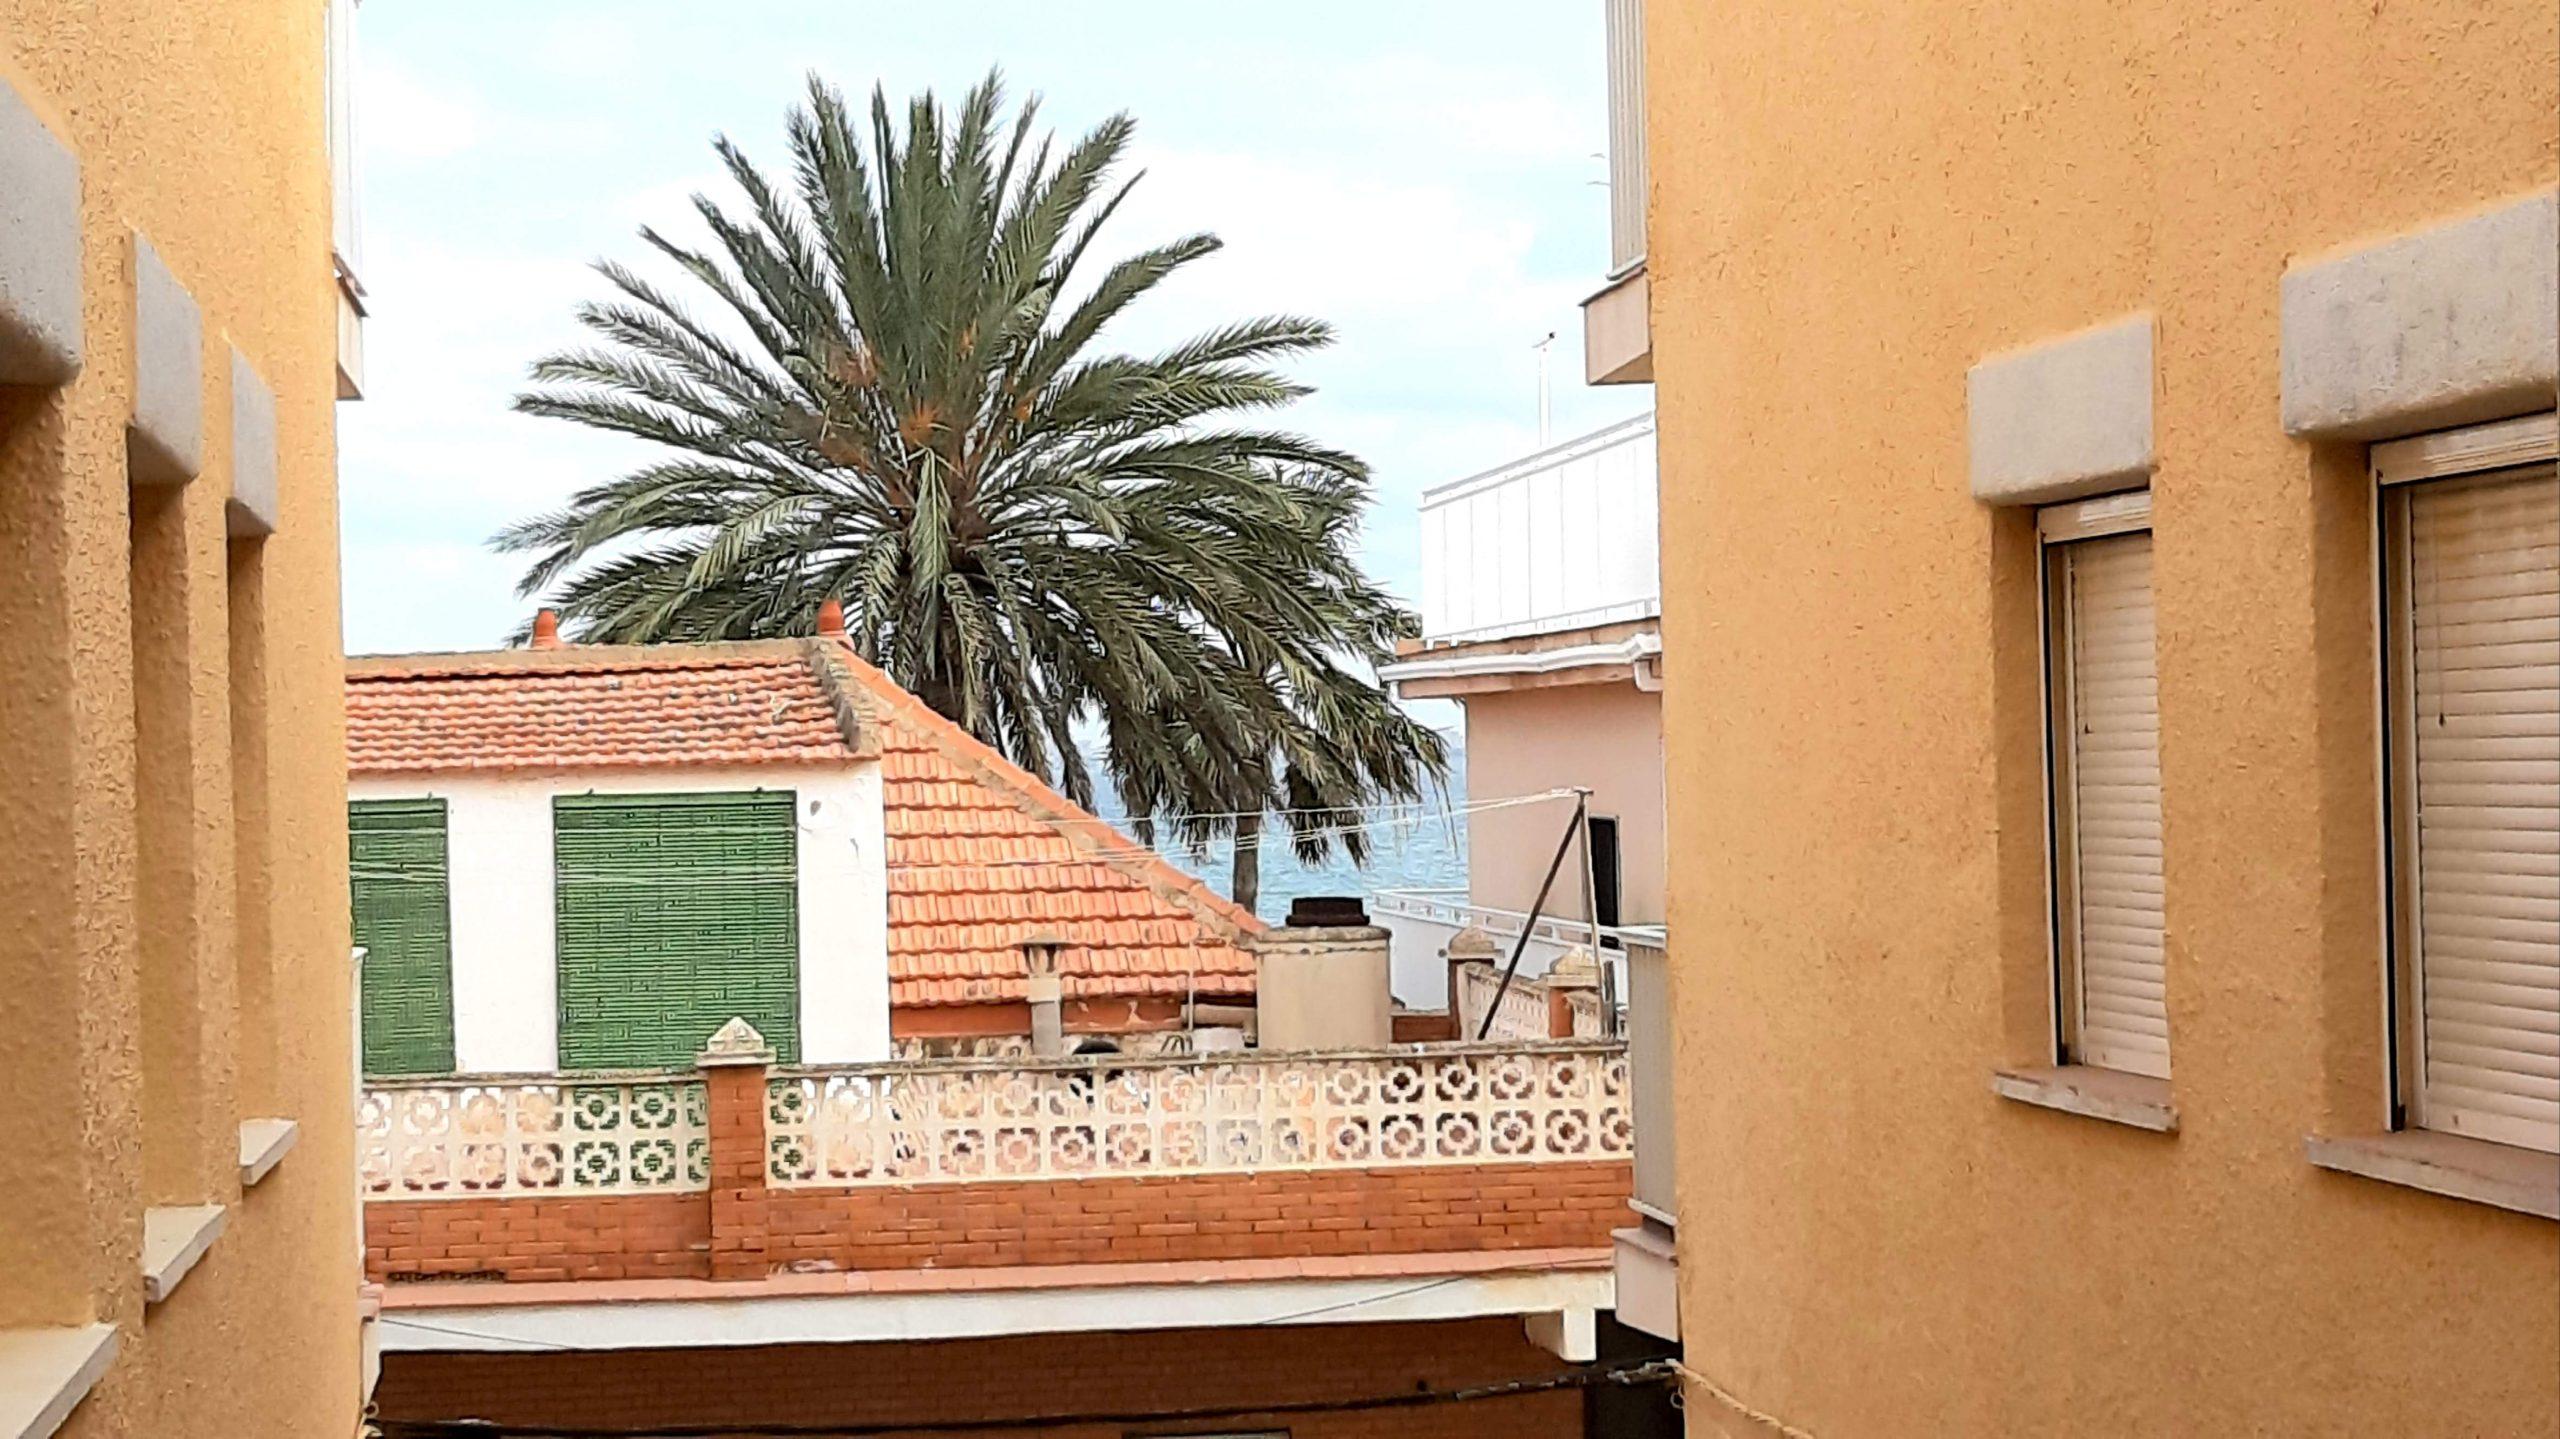 3 bedroom 1 bathroom Beach property-Los Nietos Beach